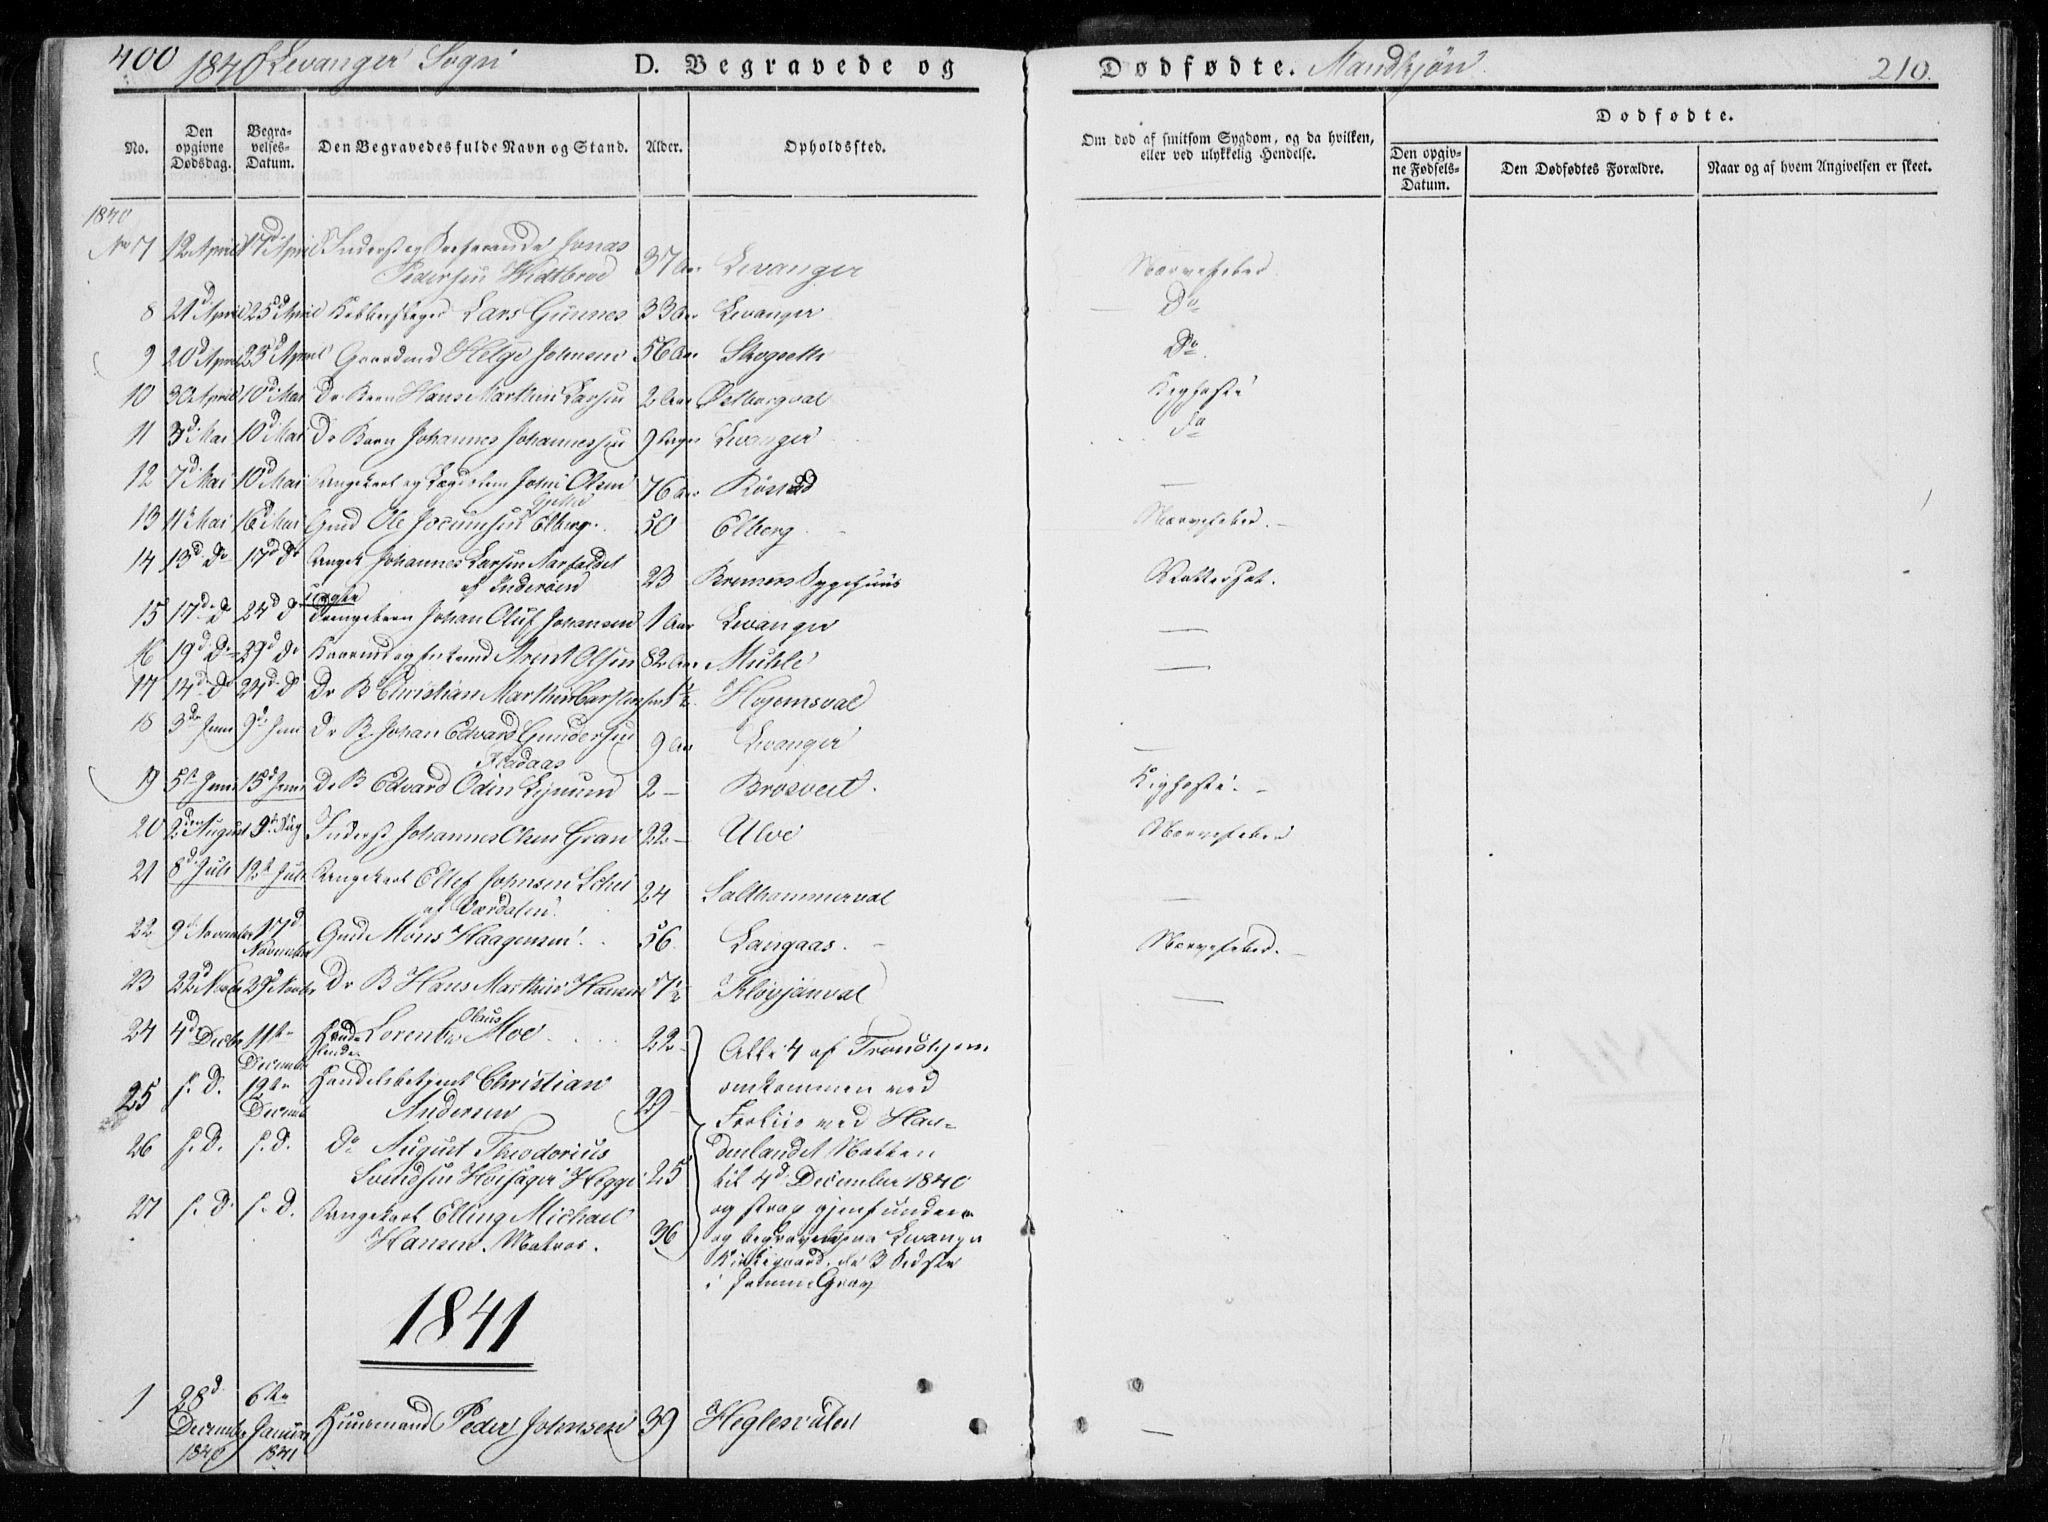 SAT, Ministerialprotokoller, klokkerbøker og fødselsregistre - Nord-Trøndelag, 720/L0183: Ministerialbok nr. 720A01, 1836-1855, s. 210